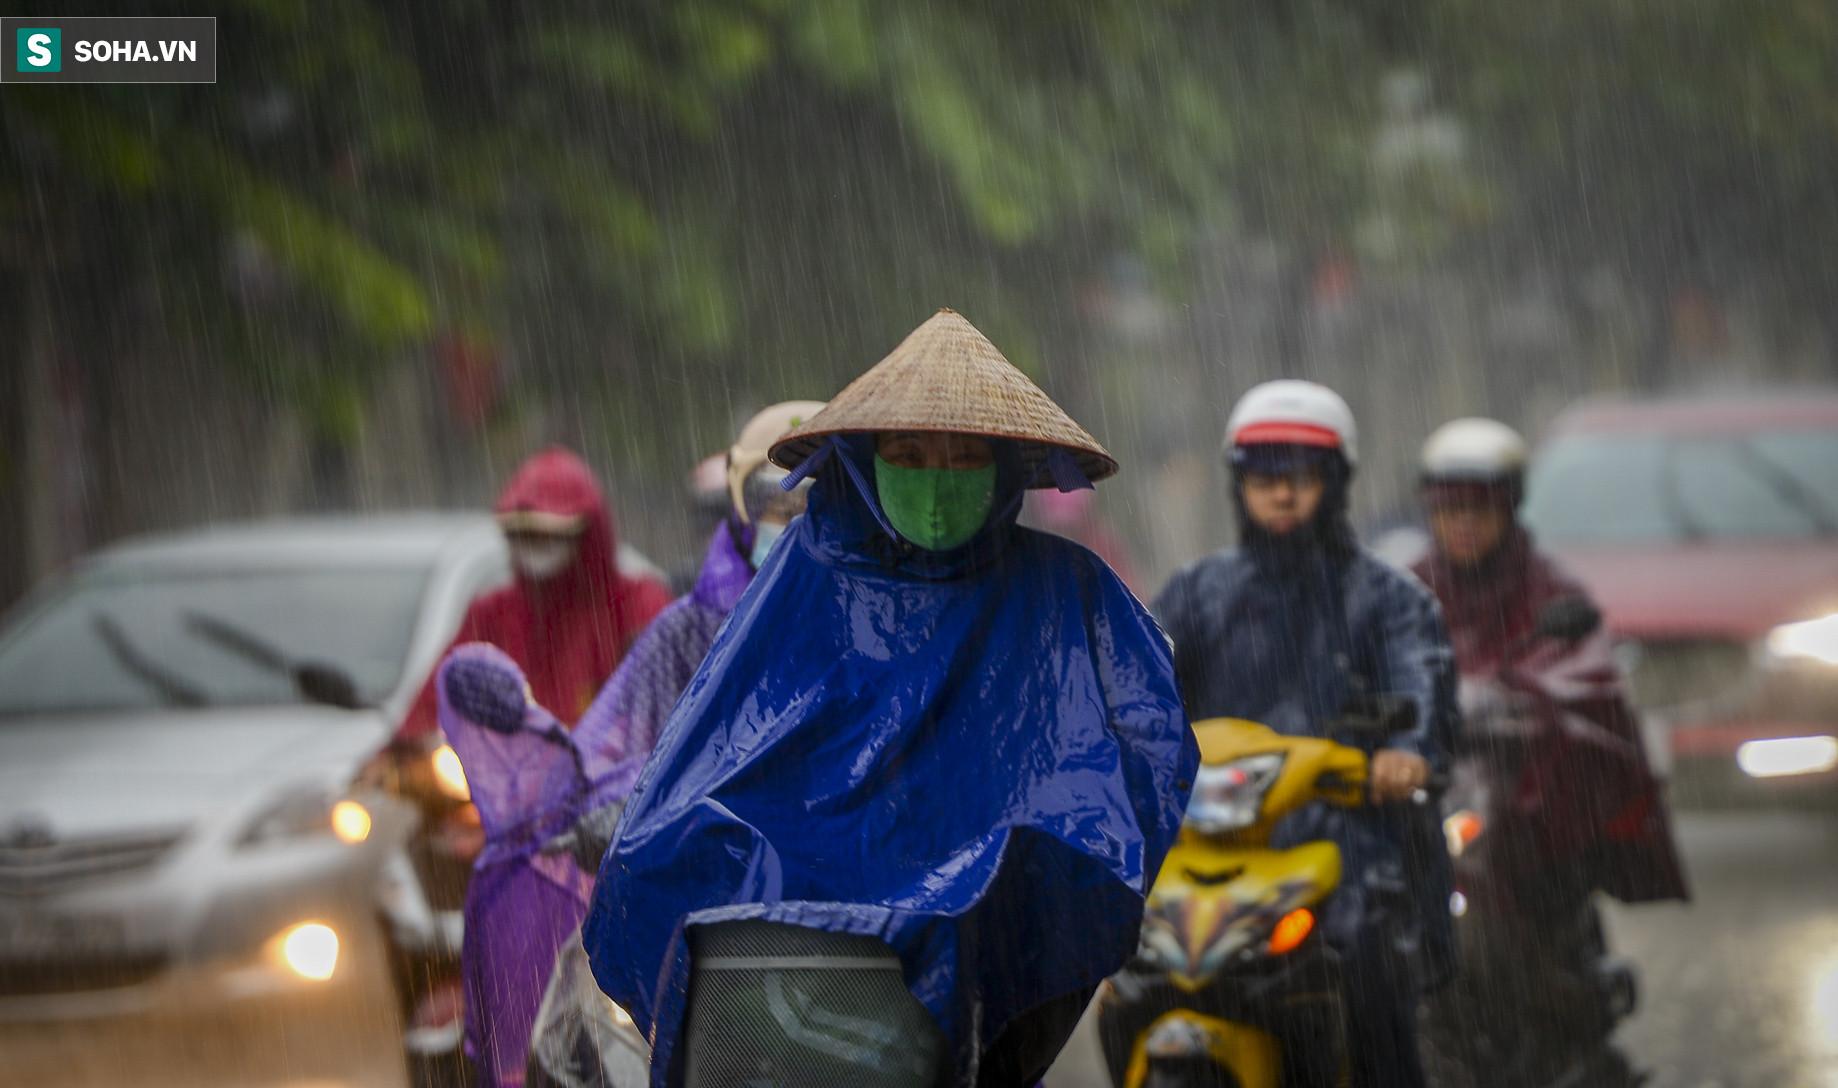 Cơn mưa rào khiến trời Hà Nội 8h sáng vẫn tối đen như mực - Ảnh 8.